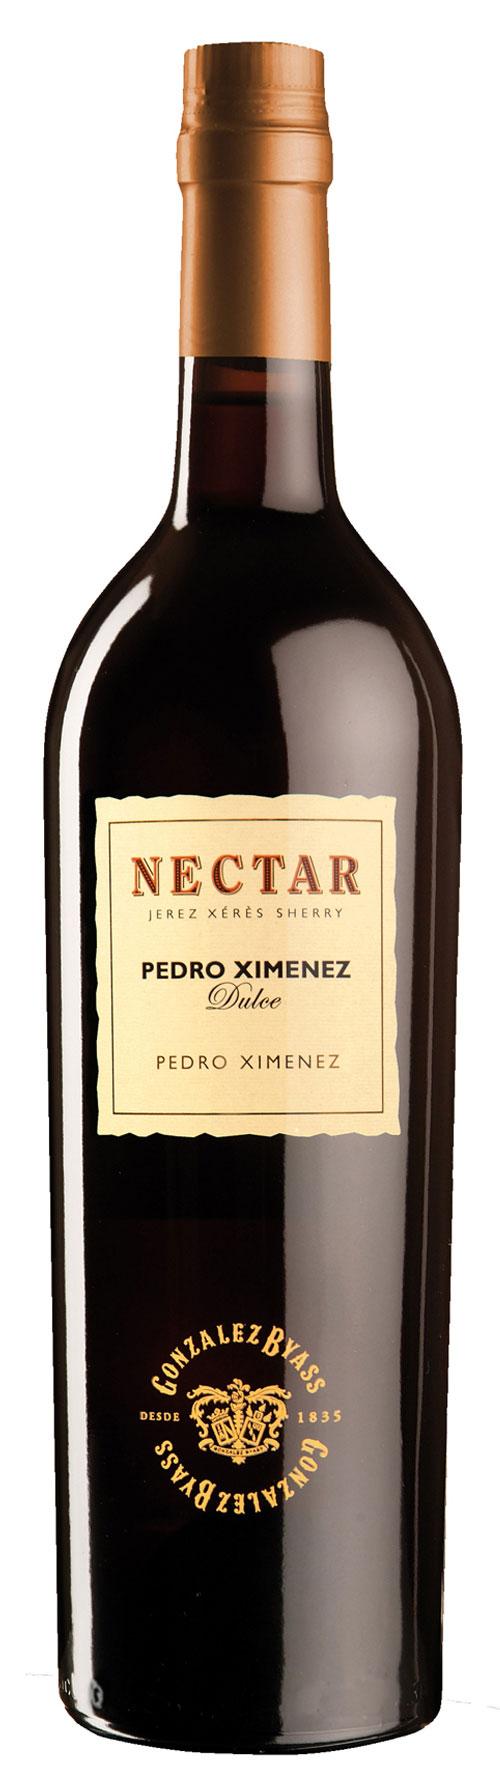 Nectar Pedro Ximenez Dulce Gonzalez Byass